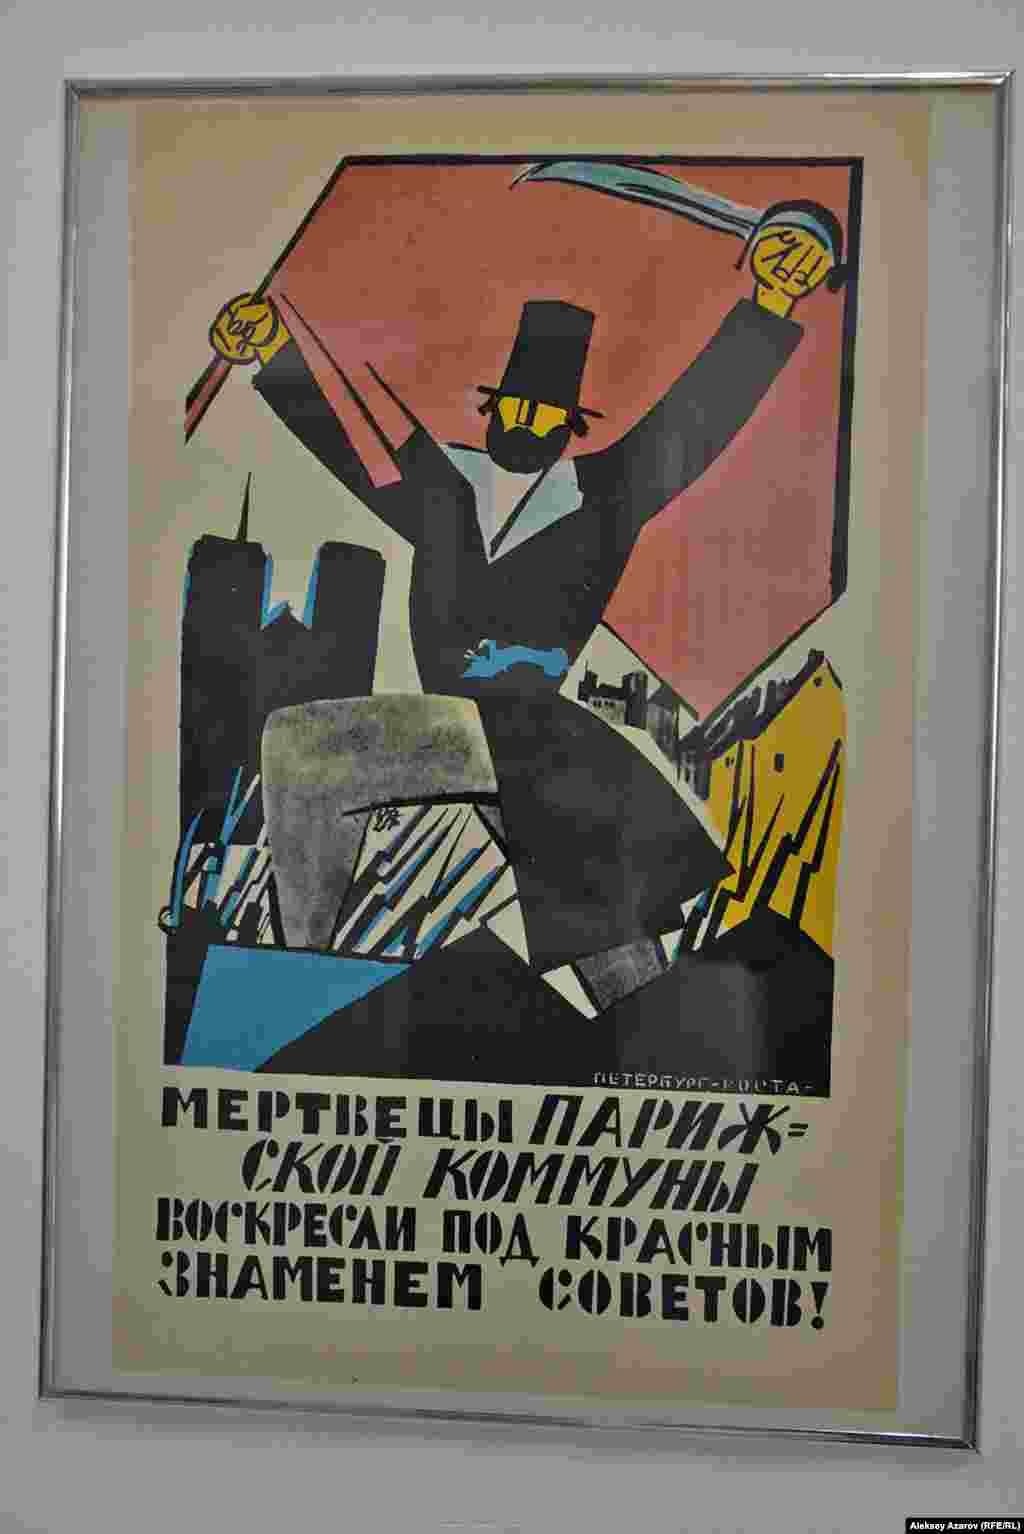 Важная страница в истории советского плаката – серия работ1919–1921 годов художников и поэтов, работавших в системе Российского телеграфного агентства (РОСТА). Ее называют «Окно сатиры РОСТА», или «Окно РОСТА». Среди авторов этих плакатов был, как известно, и поэт Владимир Маяковский. В коллекции Бориса Бруля есть и плакат из этой серии.